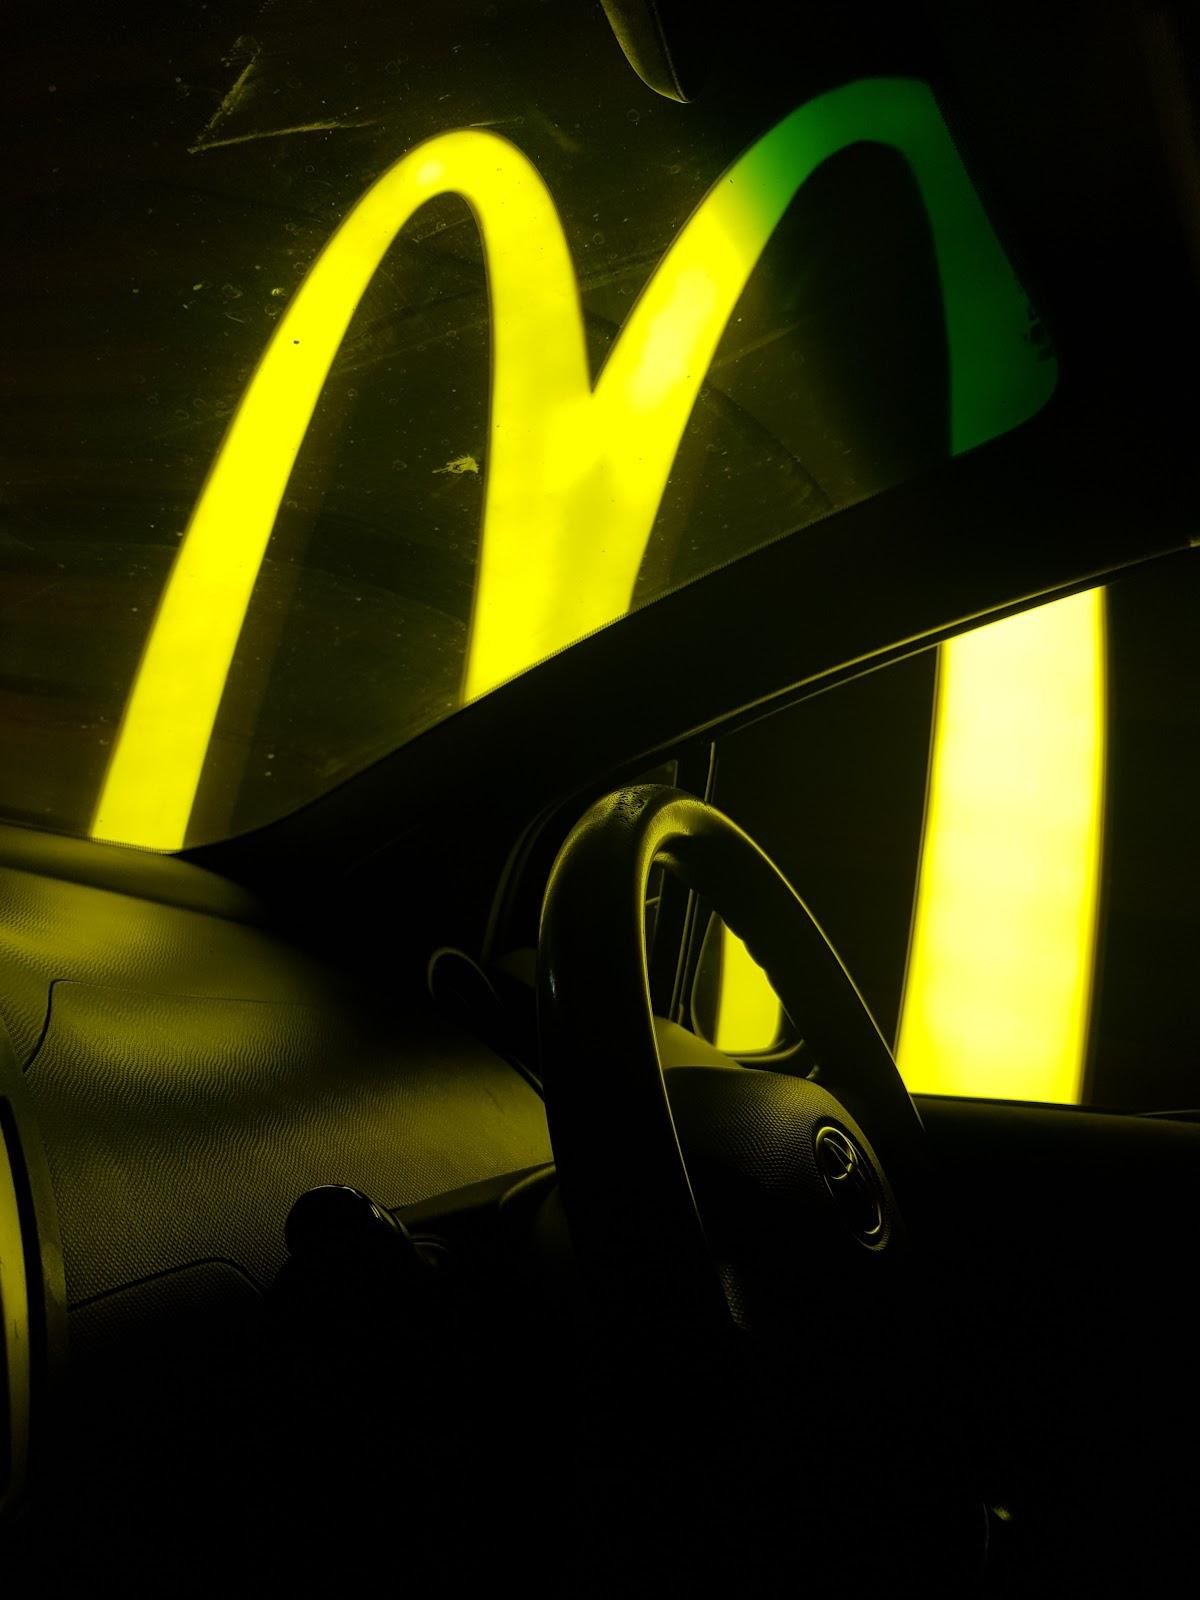 Pay at drive-through